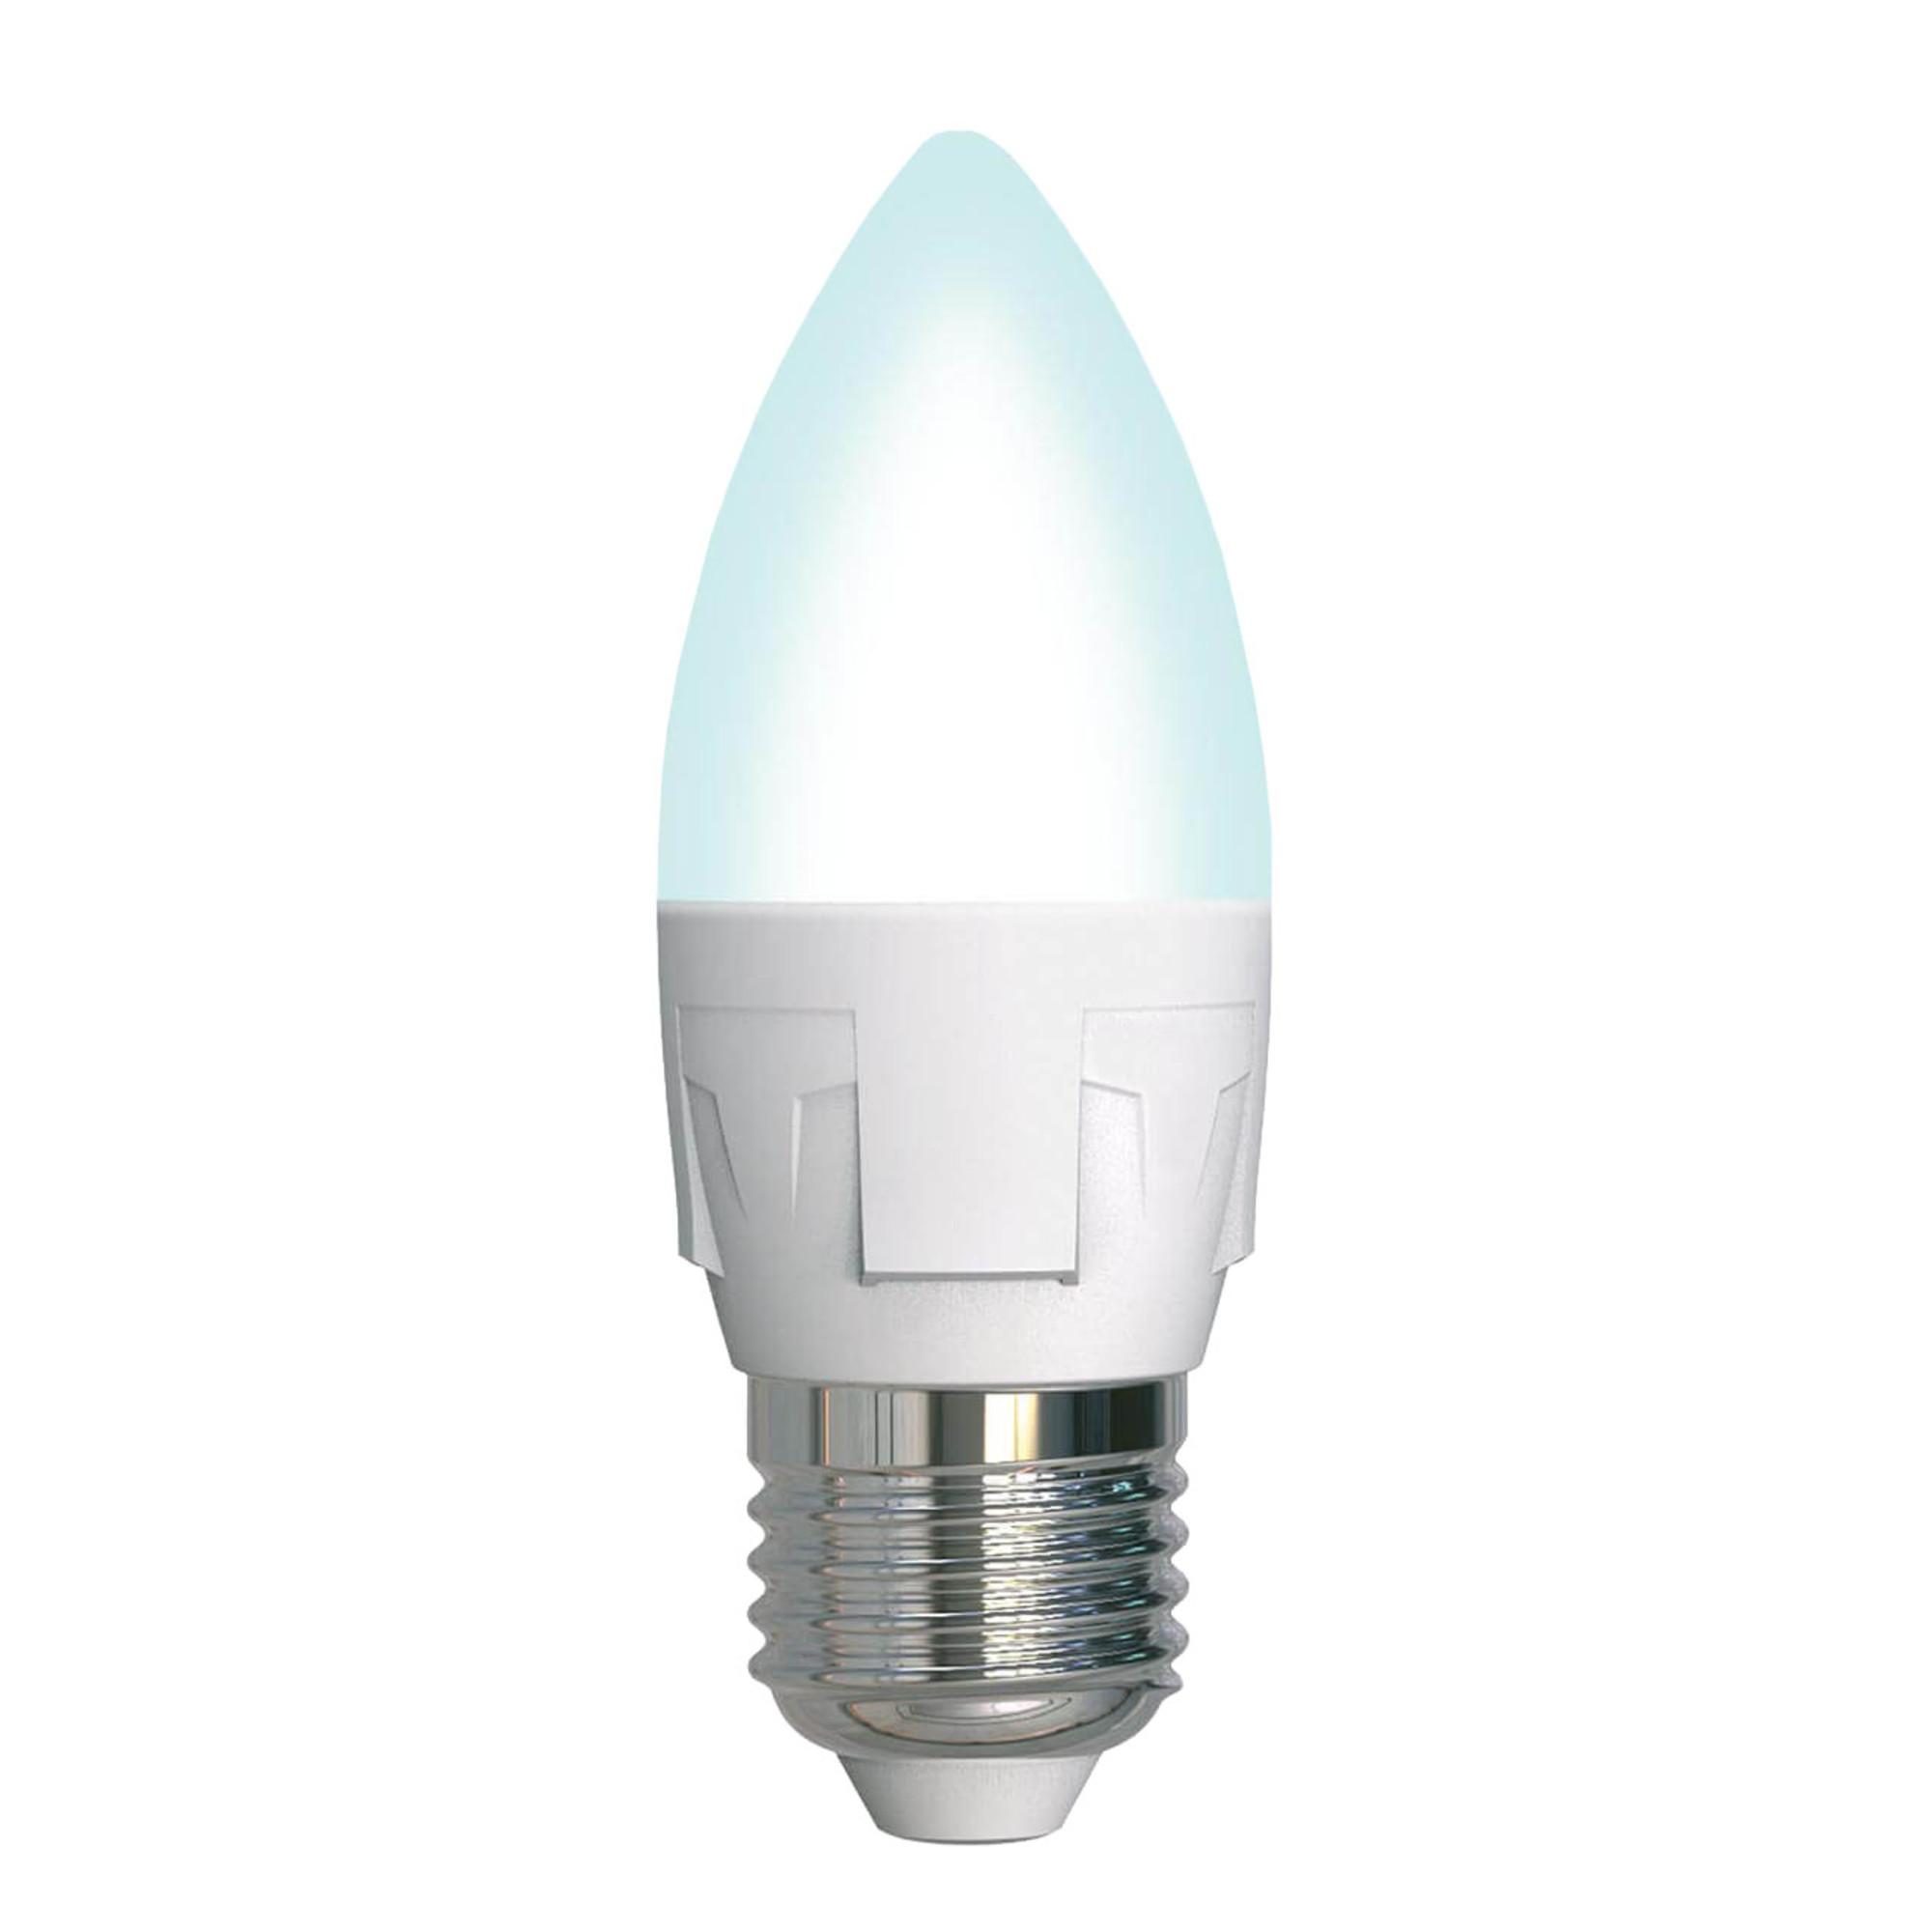 Лампа светодиодная Uniel Яркая Dimmable E27 свеча 600 Лм 7 Вт нейтральный белый